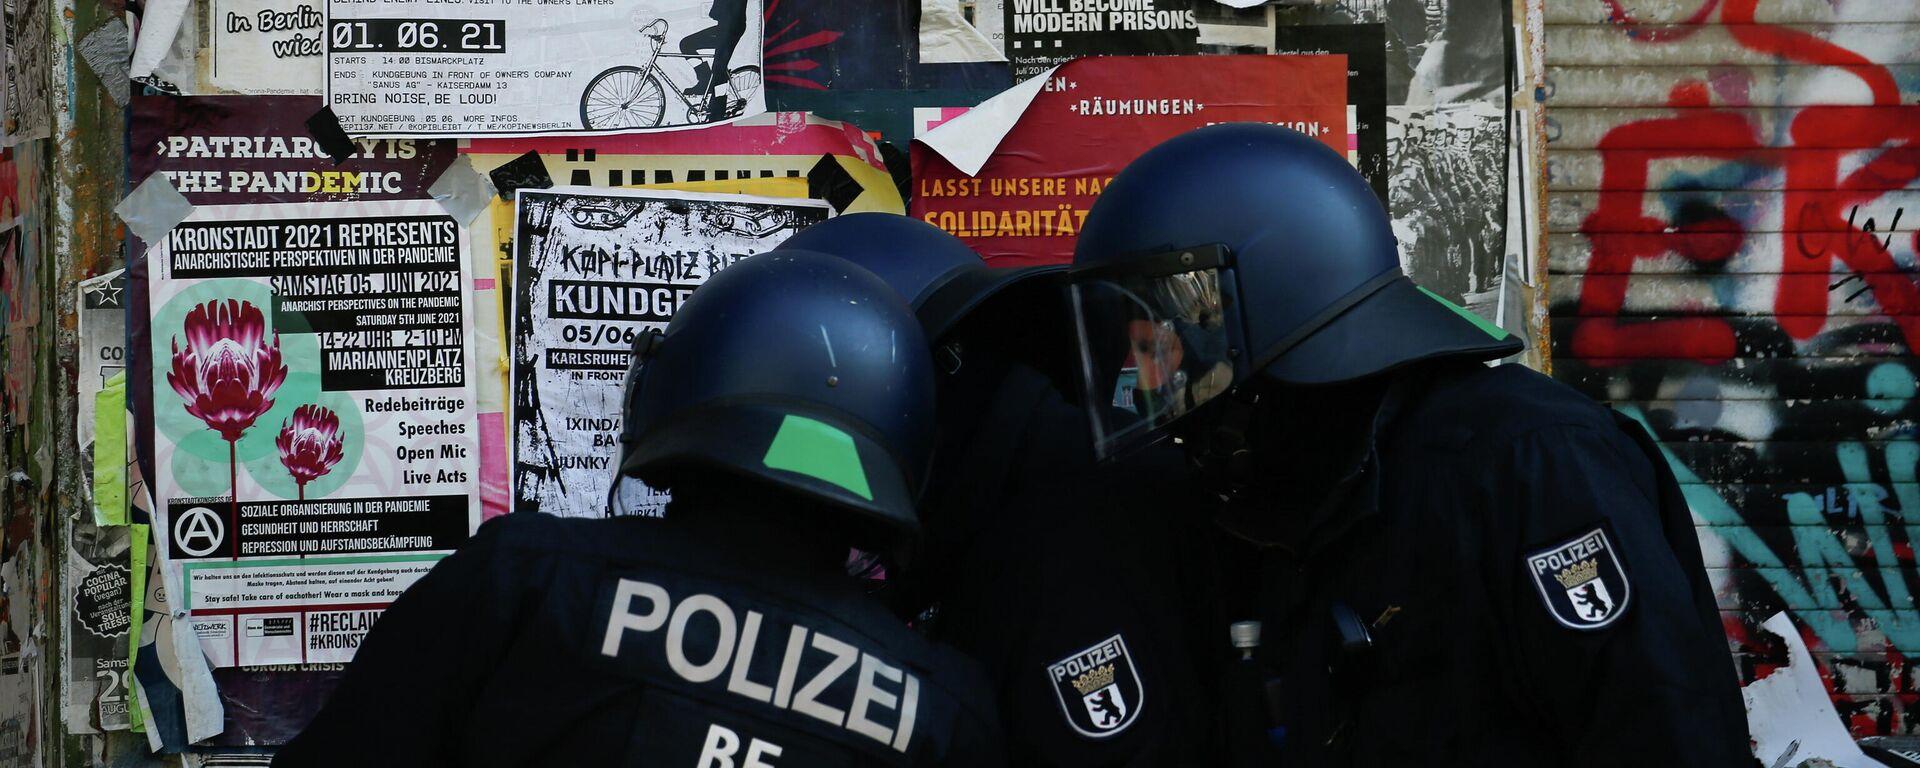 Polizeieinsatz bei Rigaer 94 - SNA, 1920, 17.06.2021